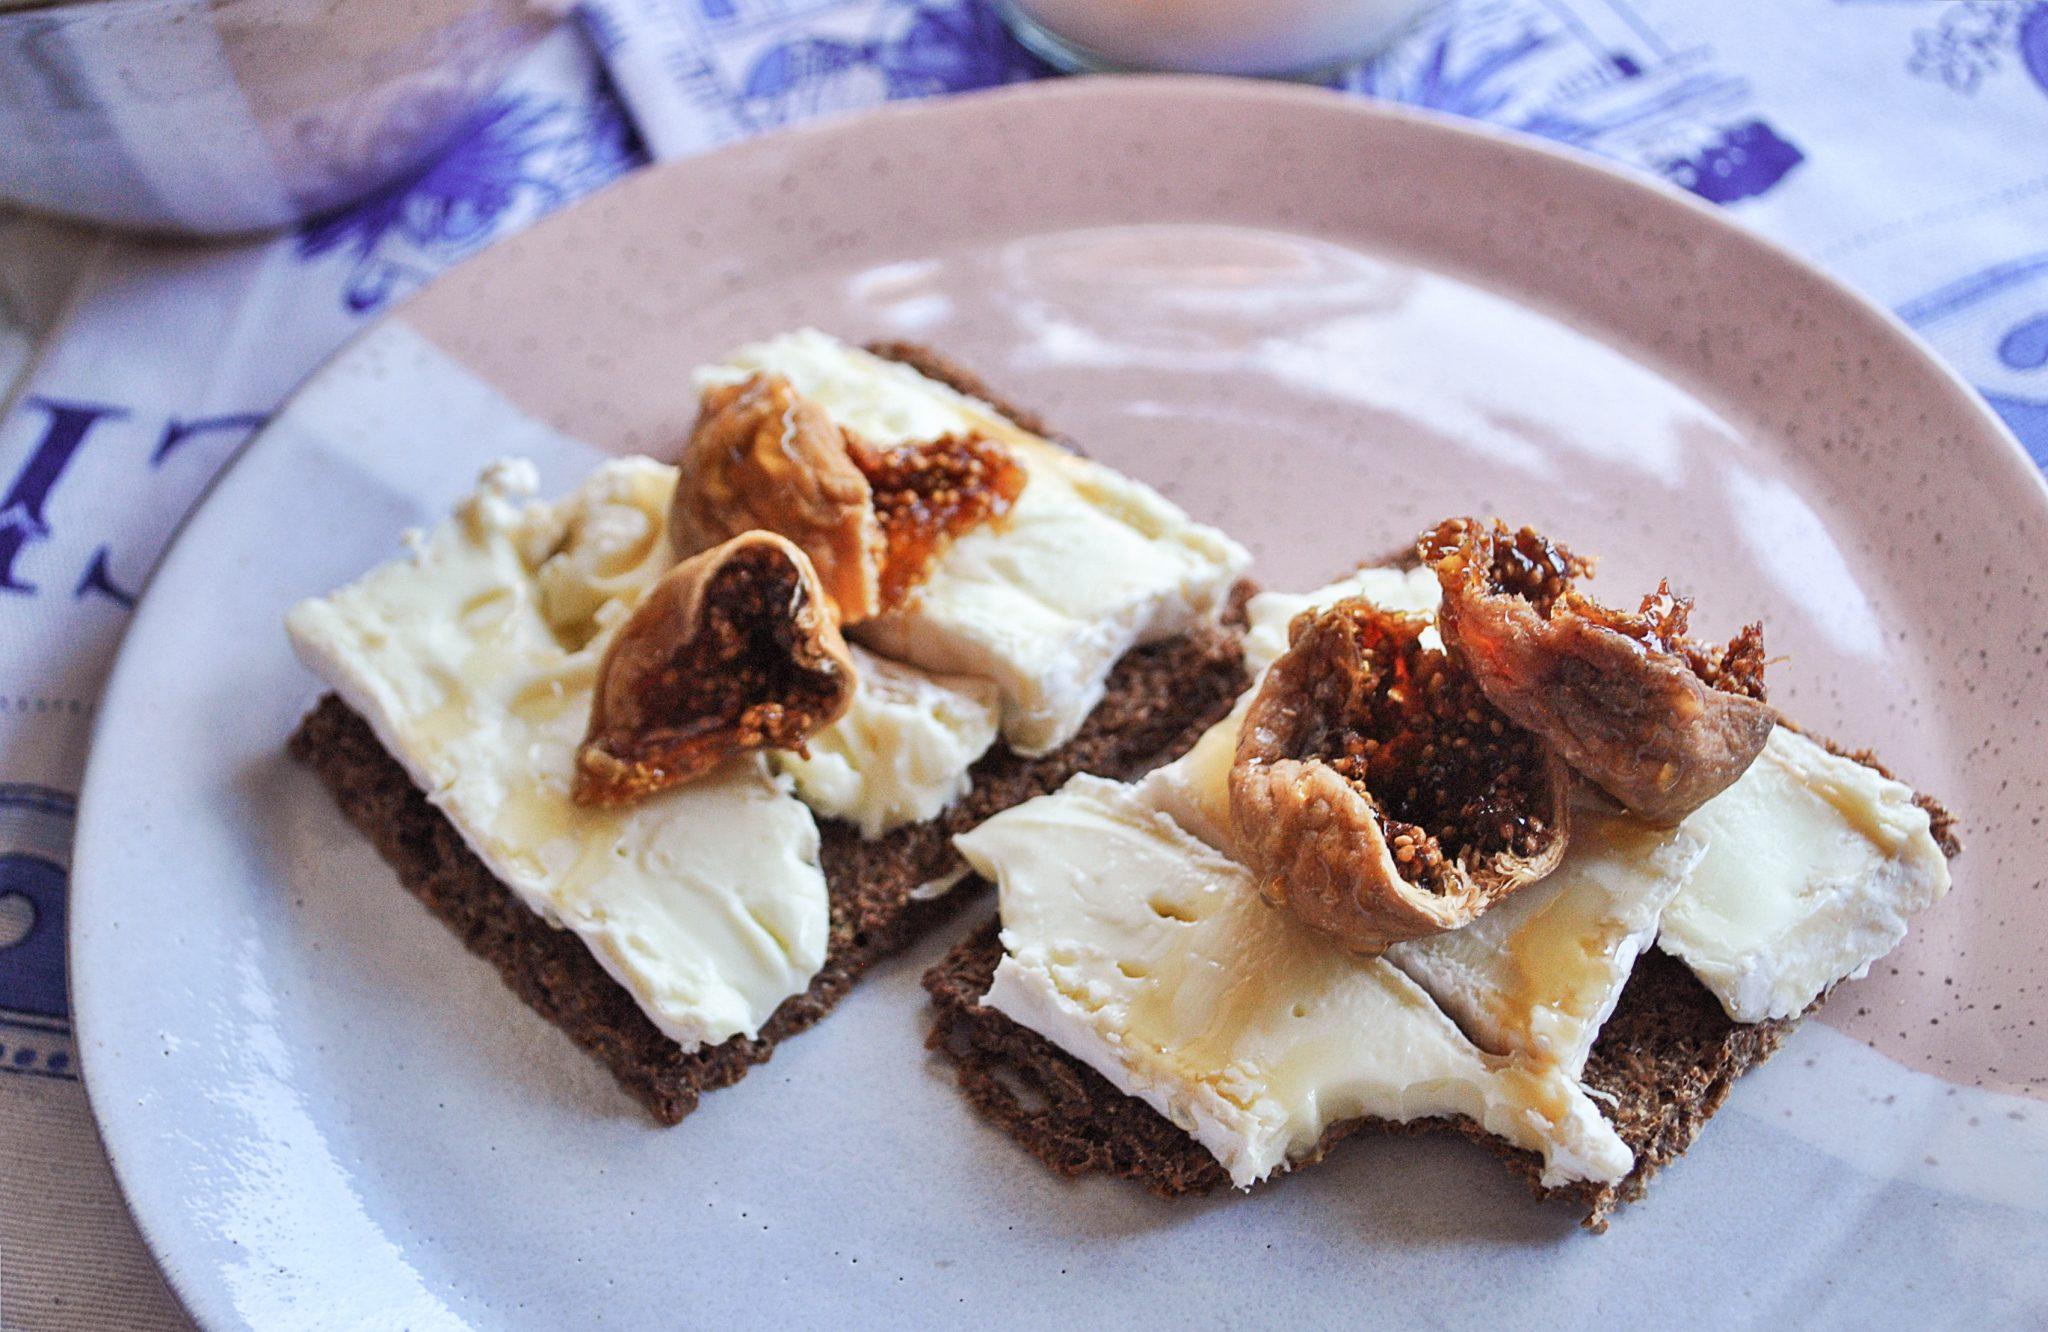 The-Hungarian-Brunette-gg-crackers-1-of-6.jpg